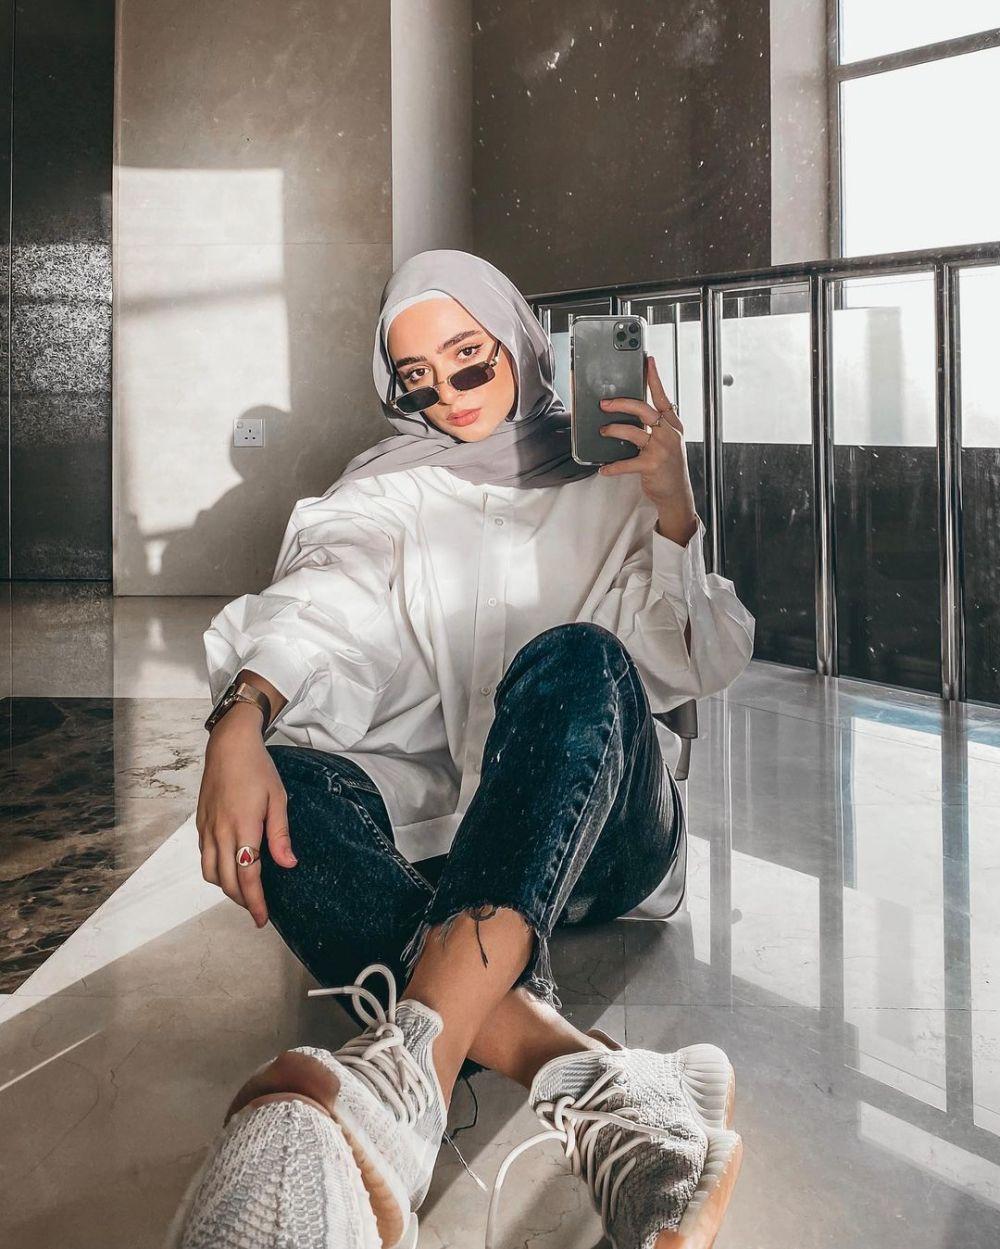 gaya hijab influencer dunia © 2021 brilio.net